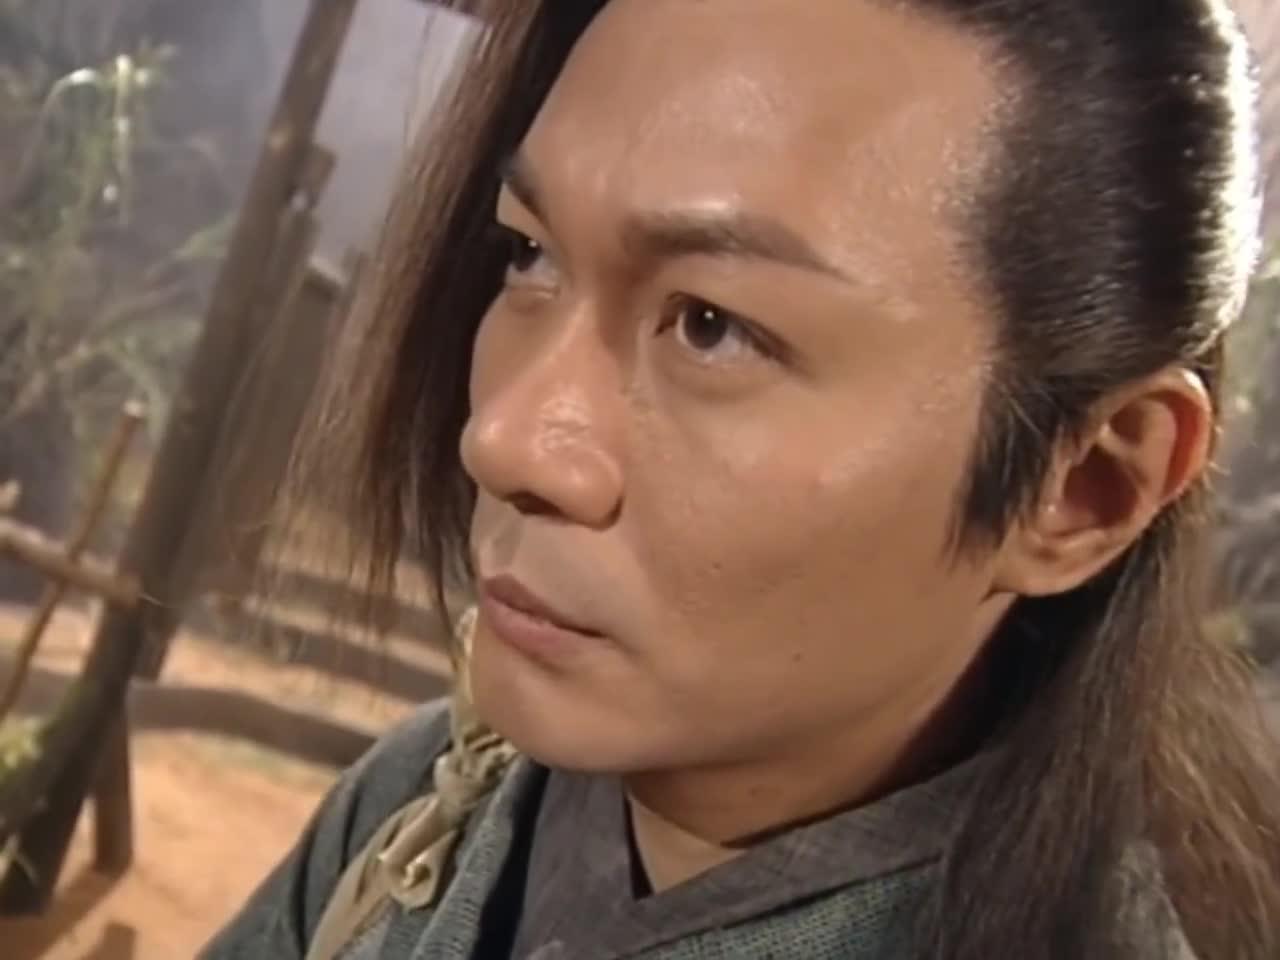 碧血剑:虽然温家五老很坏,但温仪却很善良,帮金蛇郎君打扫屋子